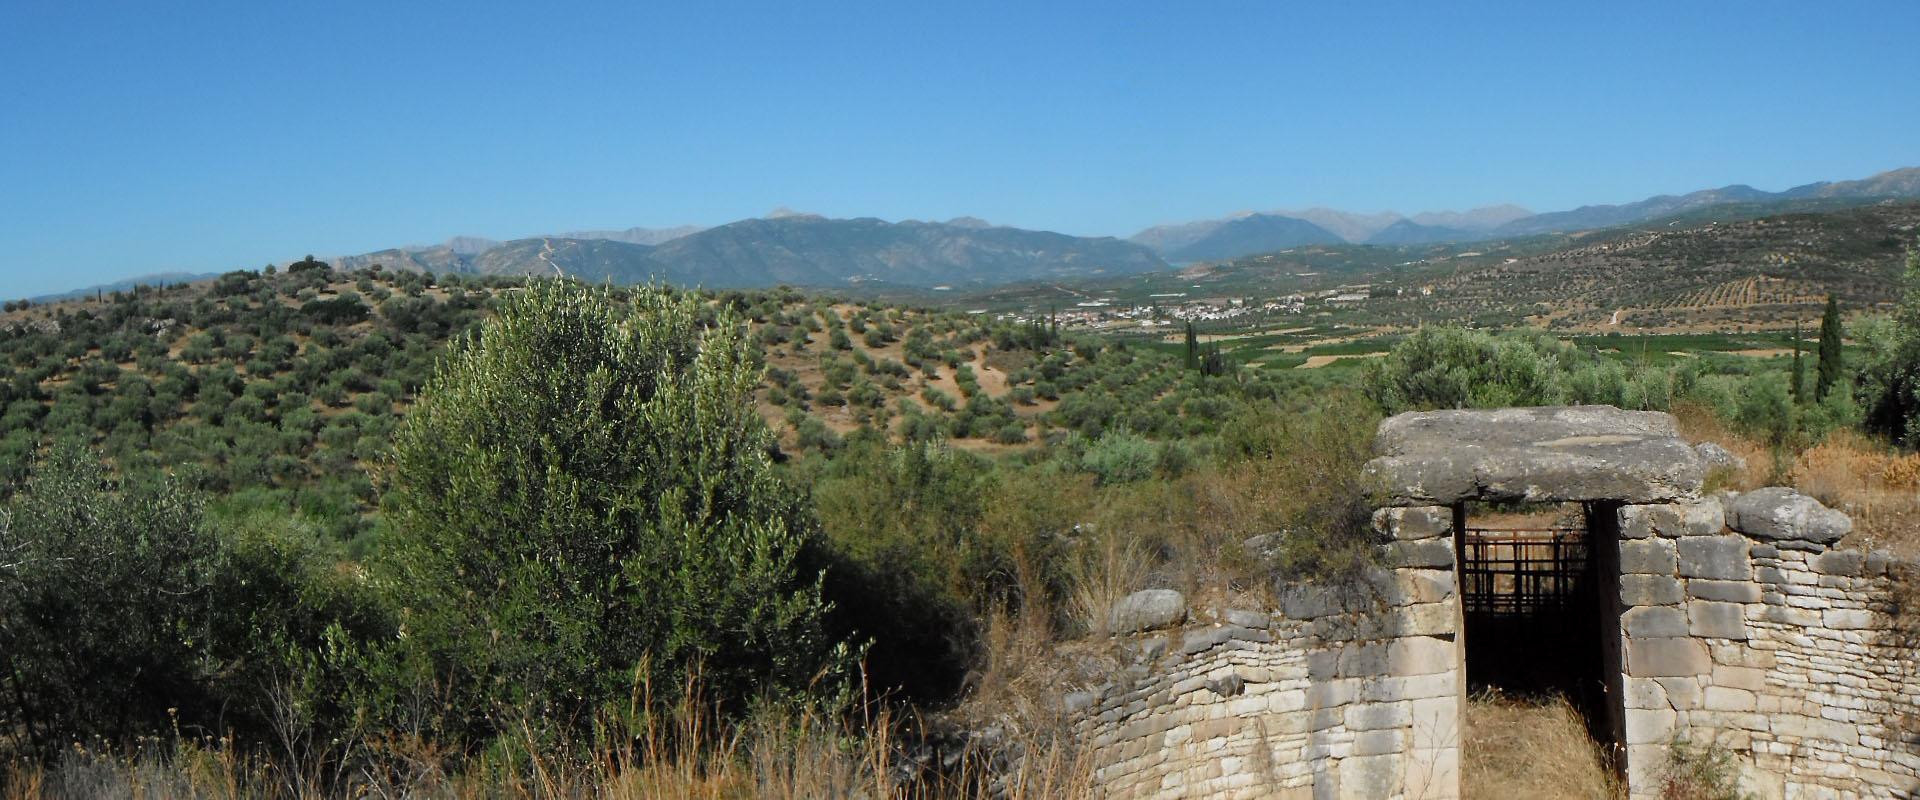 valey of souls mycenae